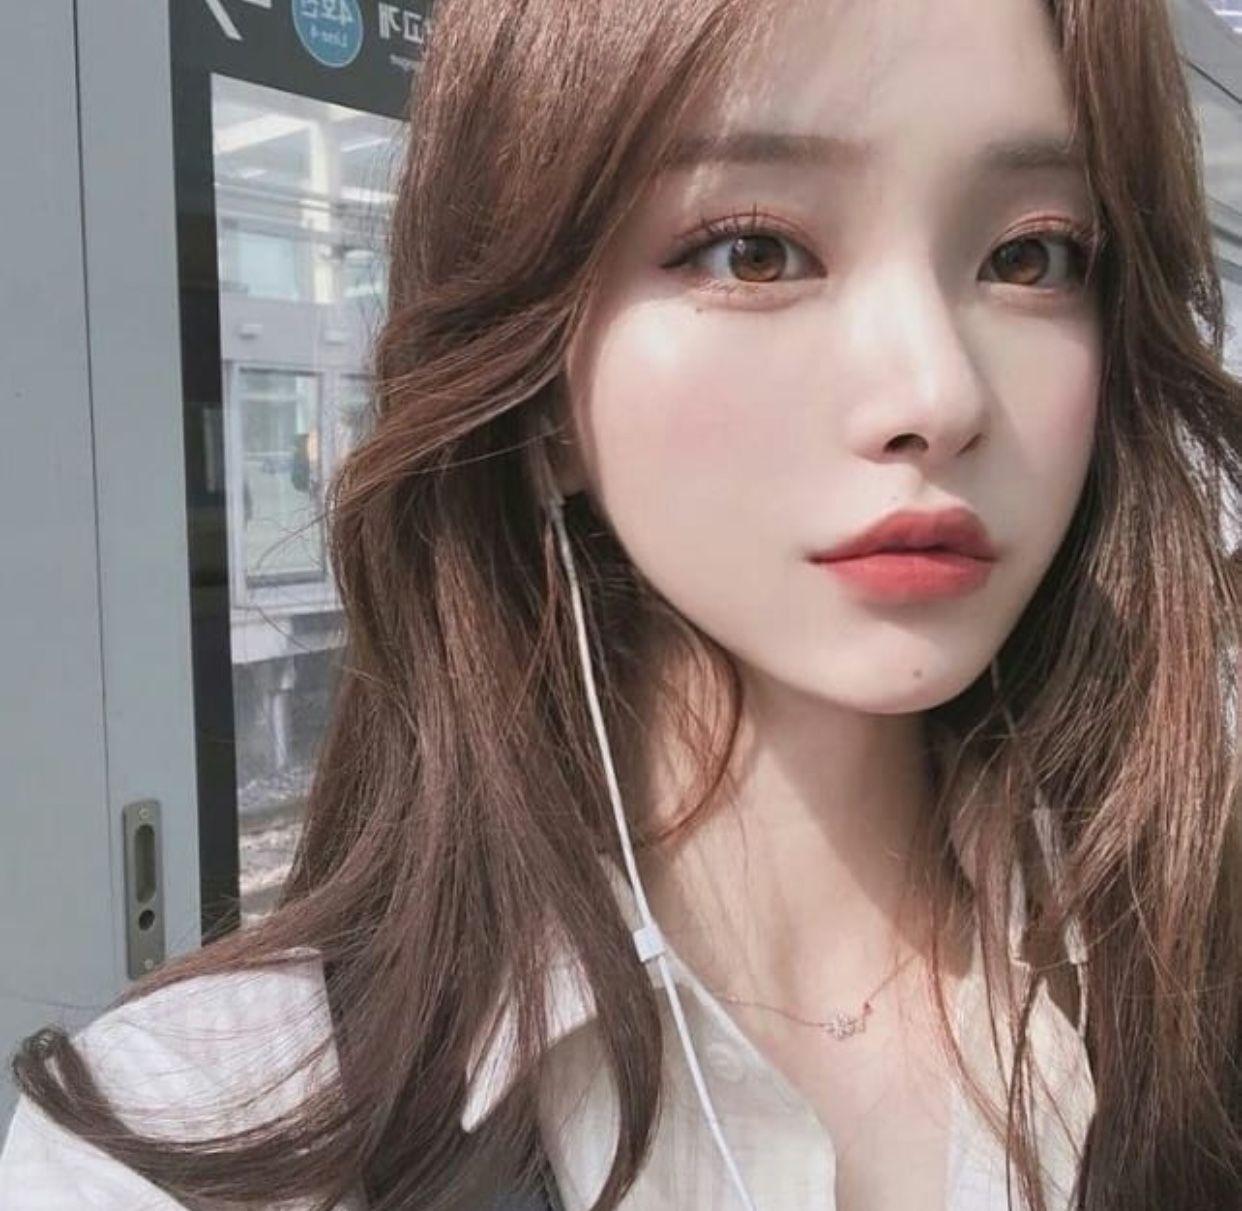 𝐏𝐢𝐧𝐭𝐞𝐫𝐞𝐬𝐭 𝐡𝐨𝐧𝐞𝐞𝐲𝐣𝐢𝐧 Cute korean girl, Ulzzang korean